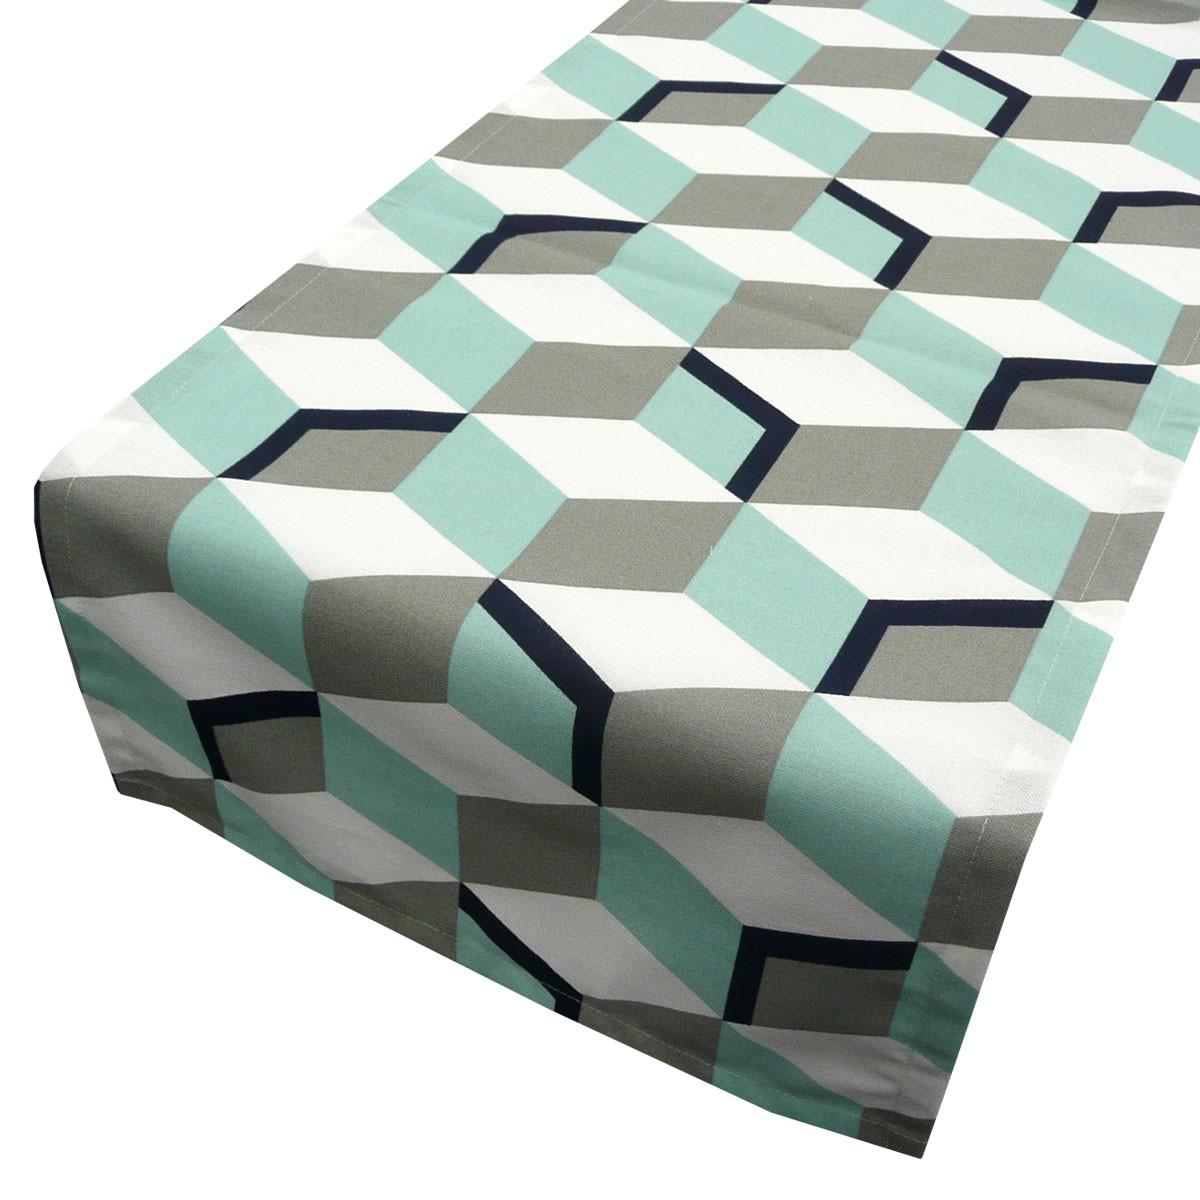 sch ner leben tischl ufer rauten mint grau 40x160cm ebay. Black Bedroom Furniture Sets. Home Design Ideas